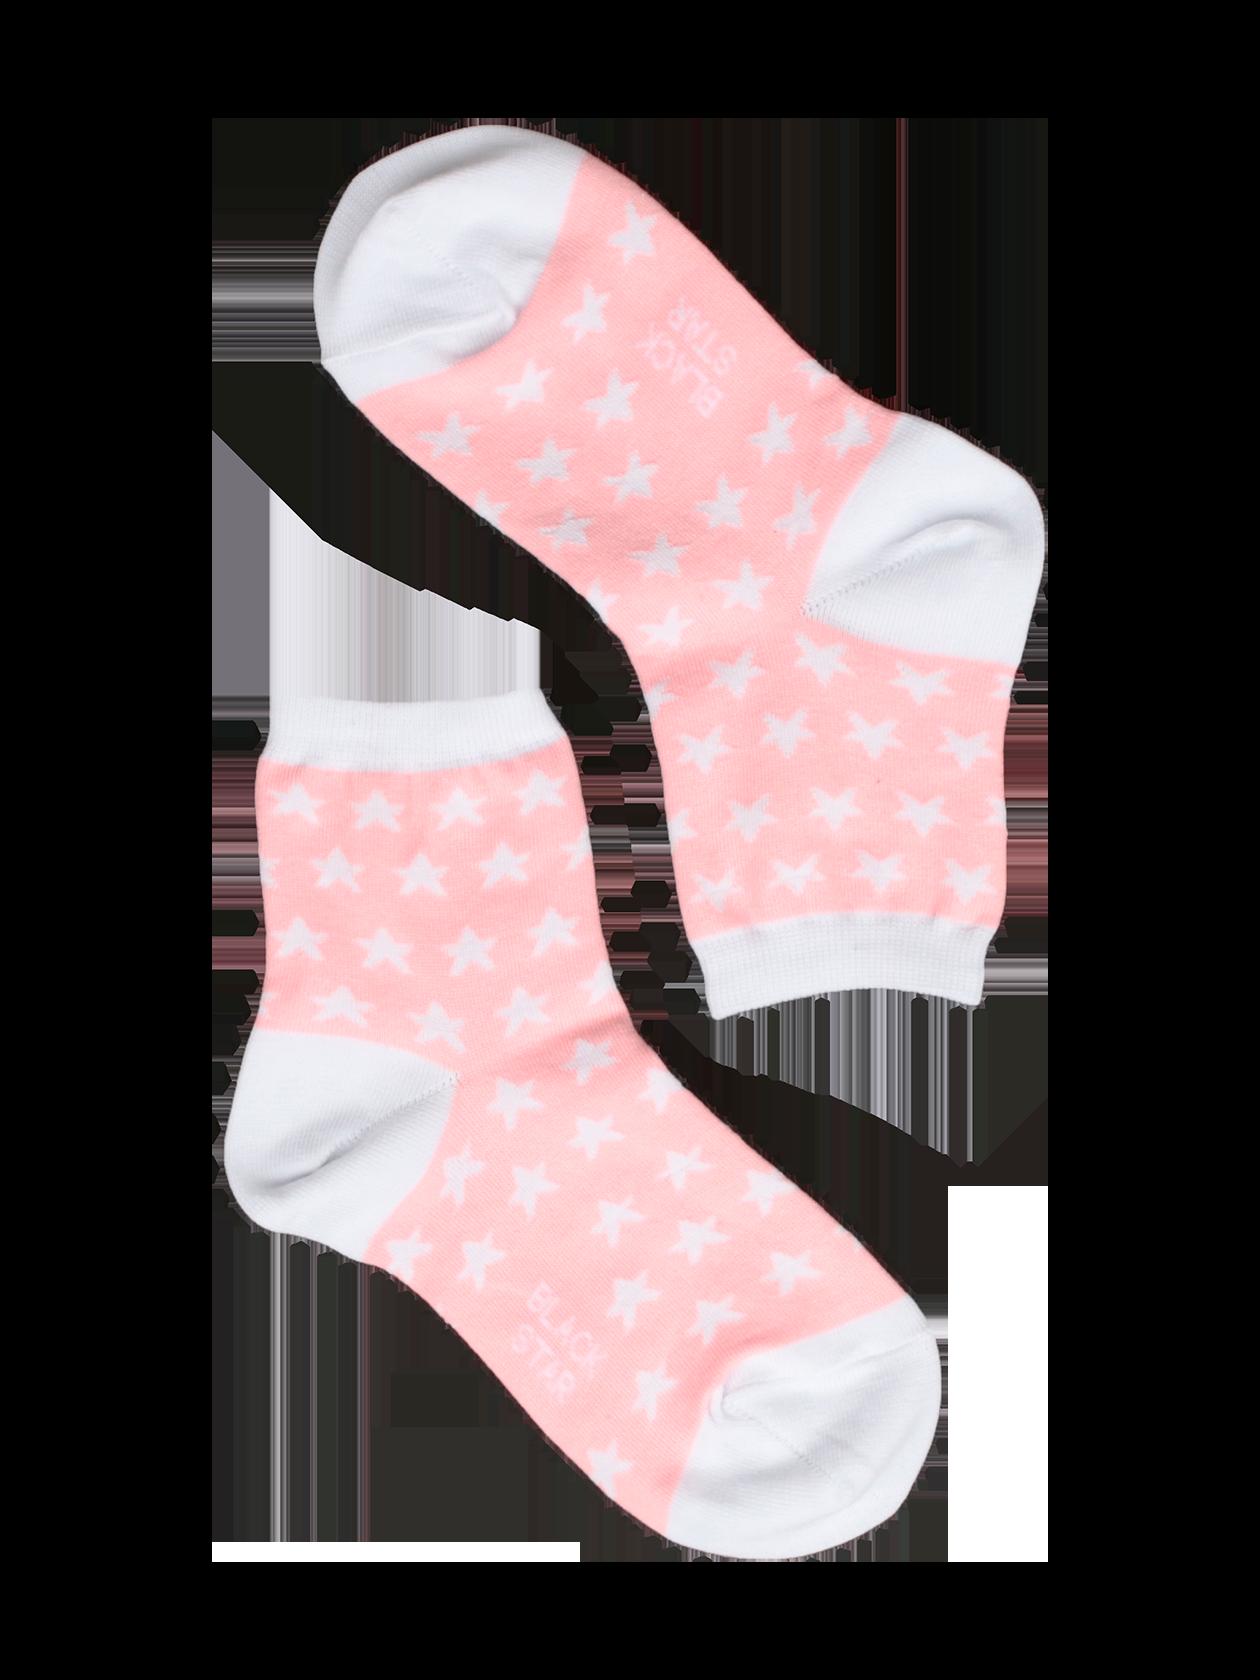 Носки детские SUPER STARНоски детские Super Star – обязательная вещь в каждом шкафу. Современная фабричная вязка, натуральный высококачественный материал обеспечивают комфорт и удобство во время активных движений. Модель представлена в двух цветовых вариантах – с черным задником, пяткой, звездами и белой стопой или белыми деталями на розовом фоне. Основание голенища дополнено фиксирующей резинкой. Носки детские из коллекции Black Star Wear отлично подходят для повседневной носки, выдерживают частые стирки.<br><br>Размер: 3-4 years<br>Цвет: Розовый<br>Пол: Унисекс